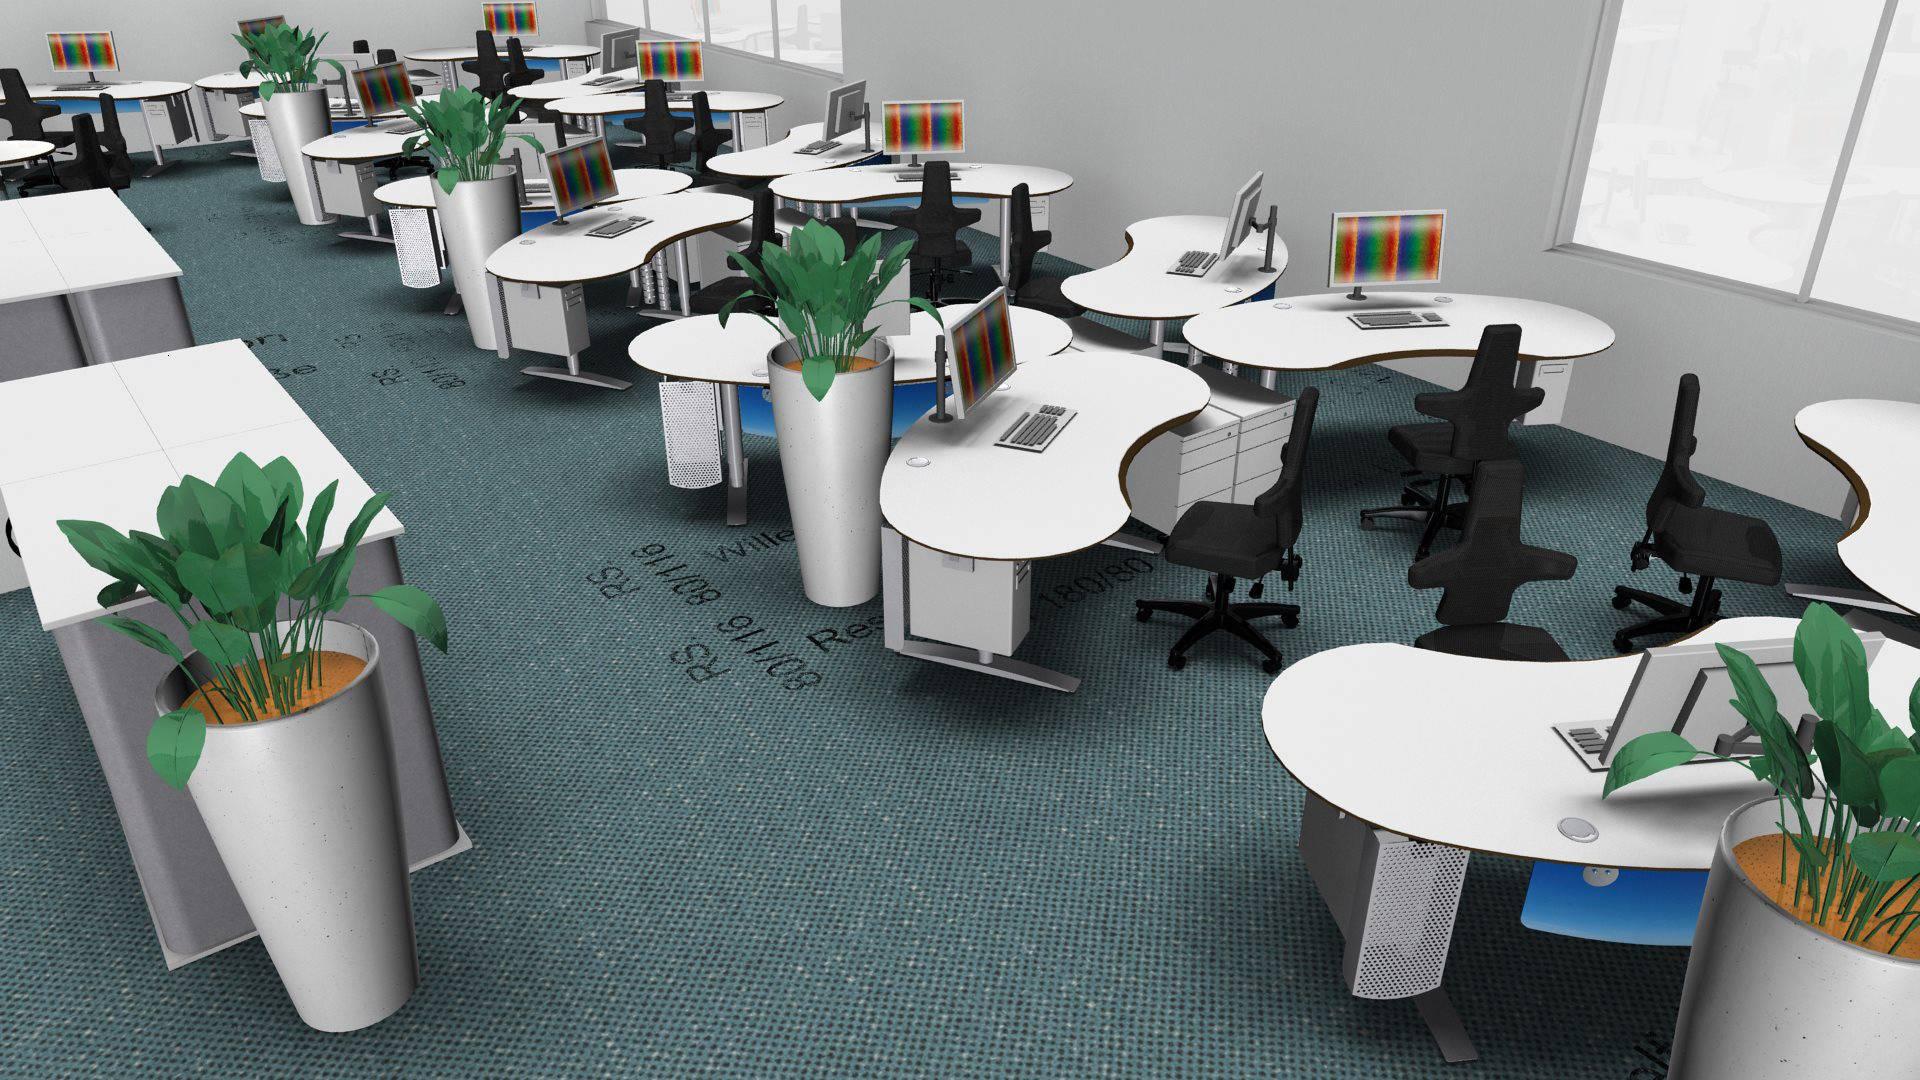 Großraumbüro für 48 Mitarbeiter in ansprechendem Design - Vital-Office